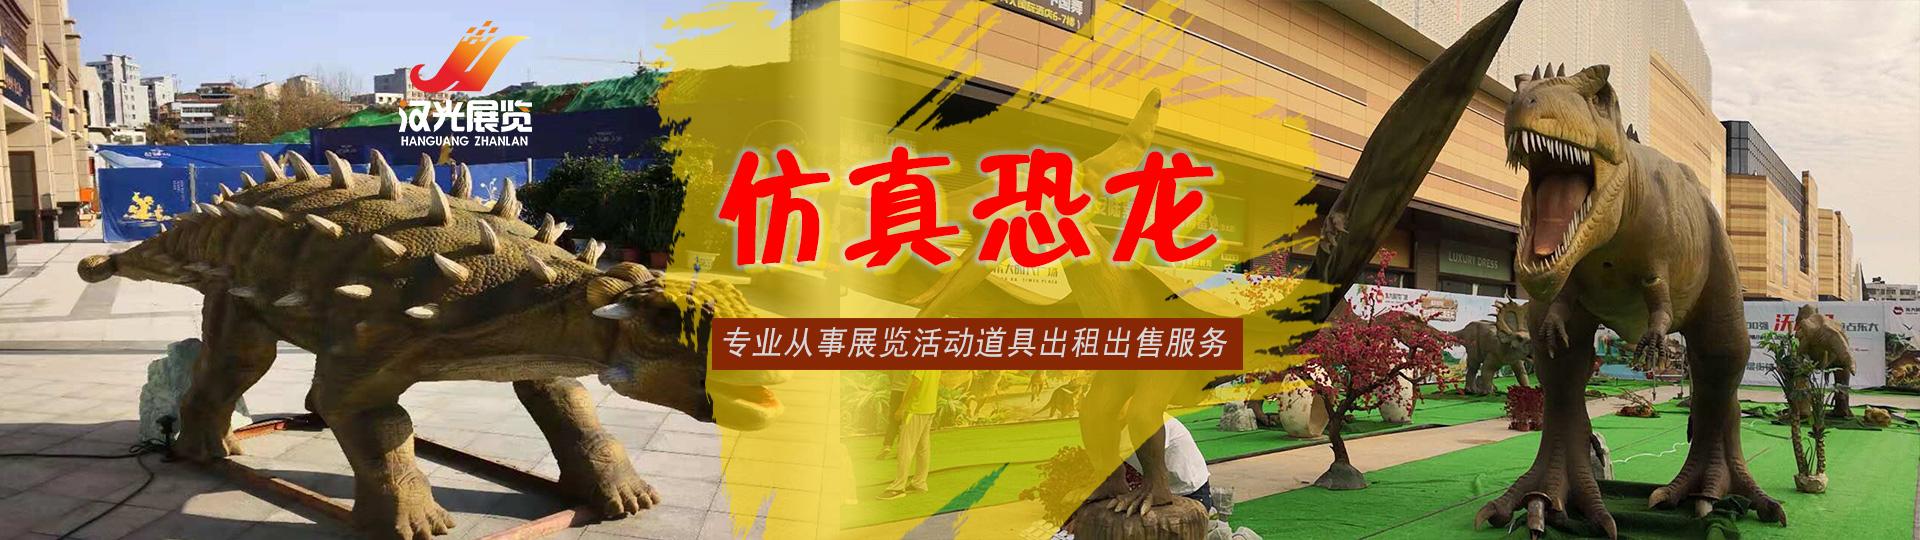 http://images.osogoo.com/user/5dfb37c3297f8/2.jpg